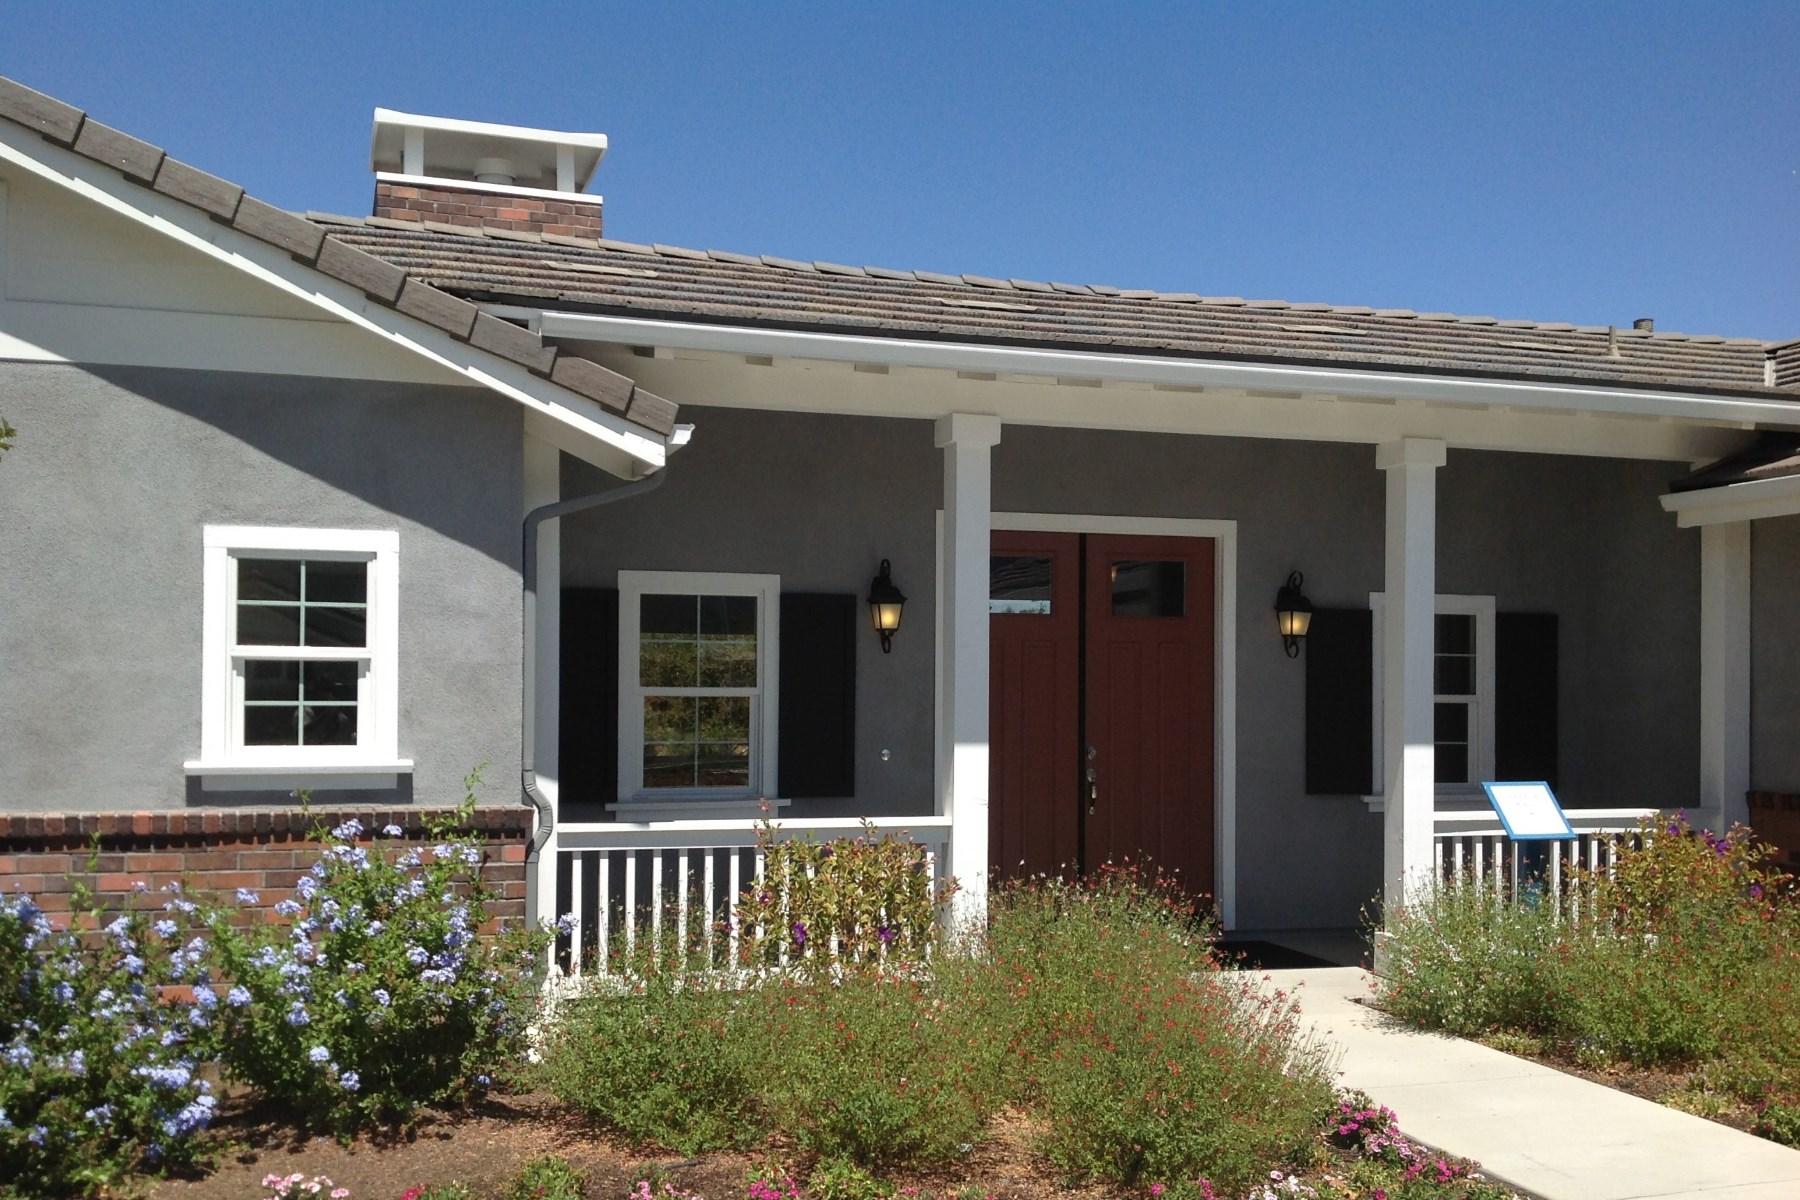 Single Family Home for Sale at Skytt Mesa 1230 Olesen Drive Solvang, California 93463 United States